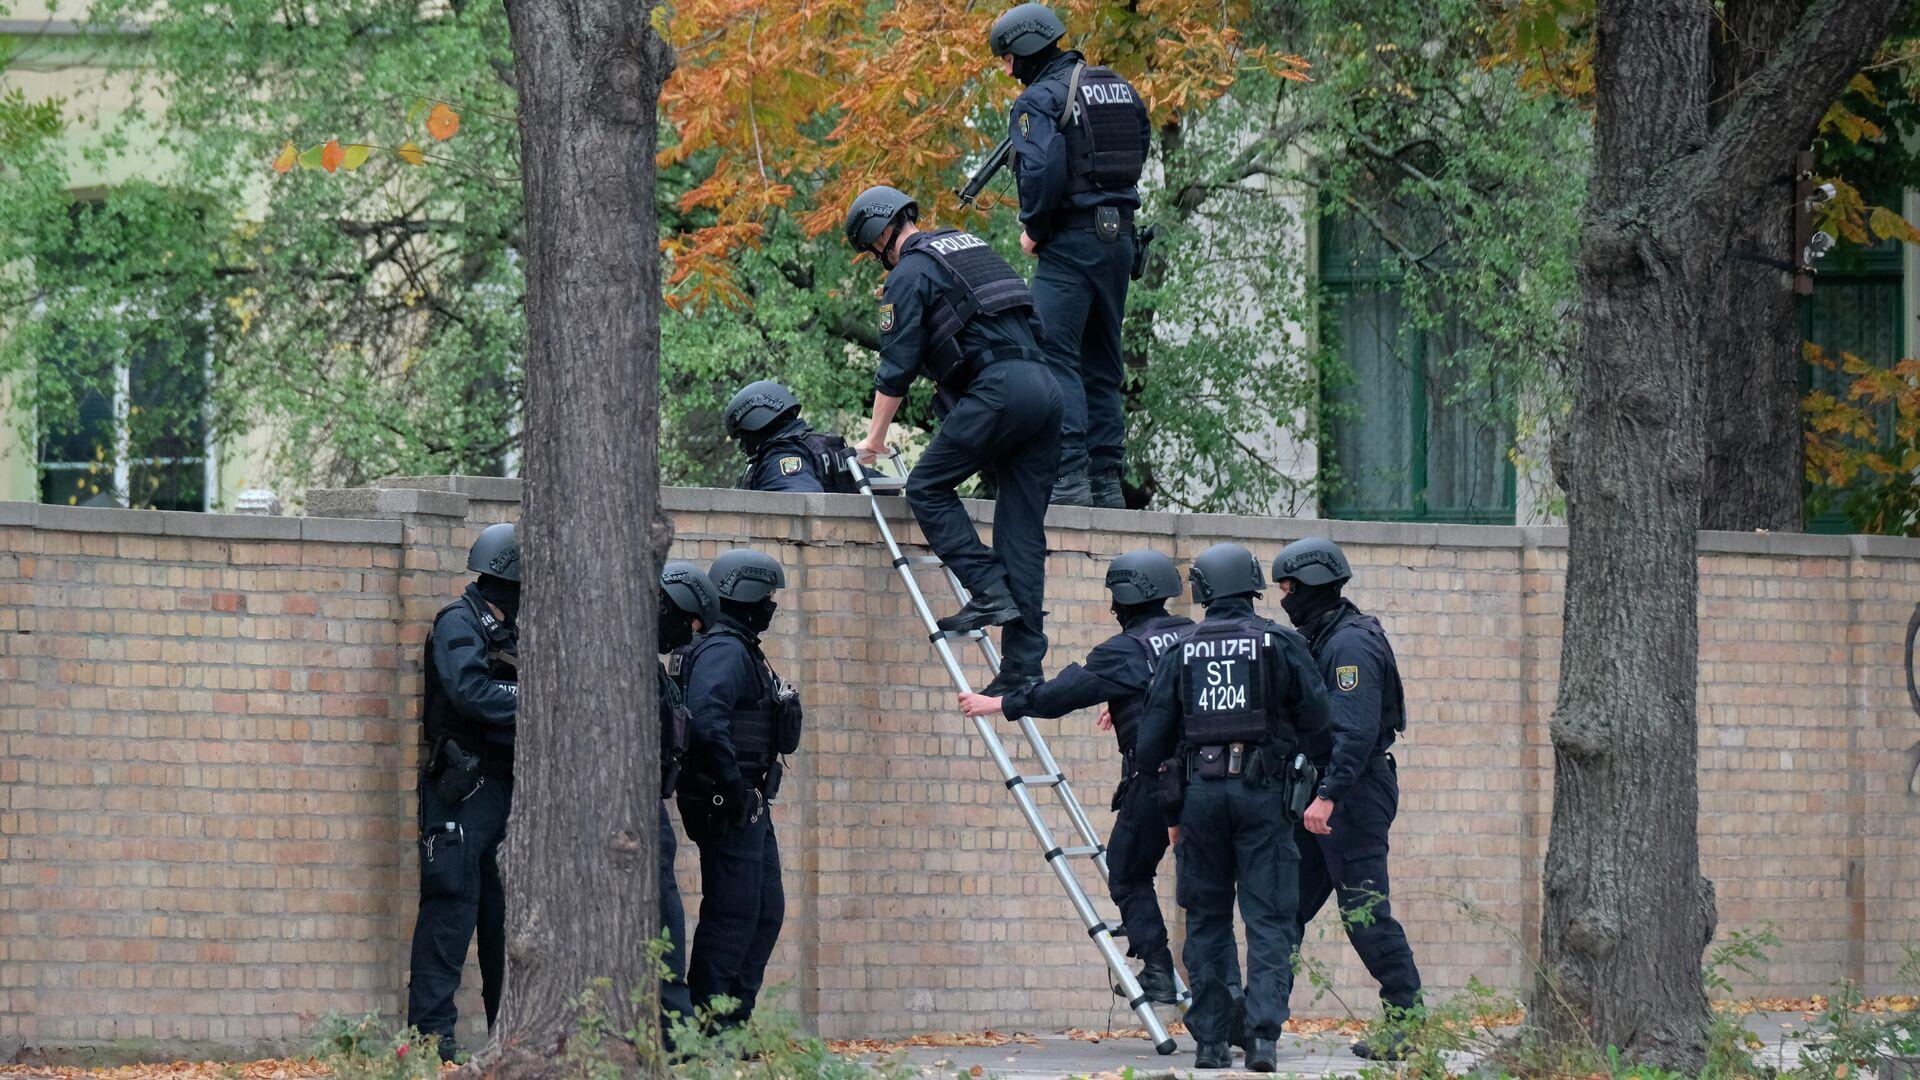 Сотрудники полиции на месте стрельбы в городе Галле, Германия. 9 октября 2019 - РИА Новости, 1920, 22.12.2020